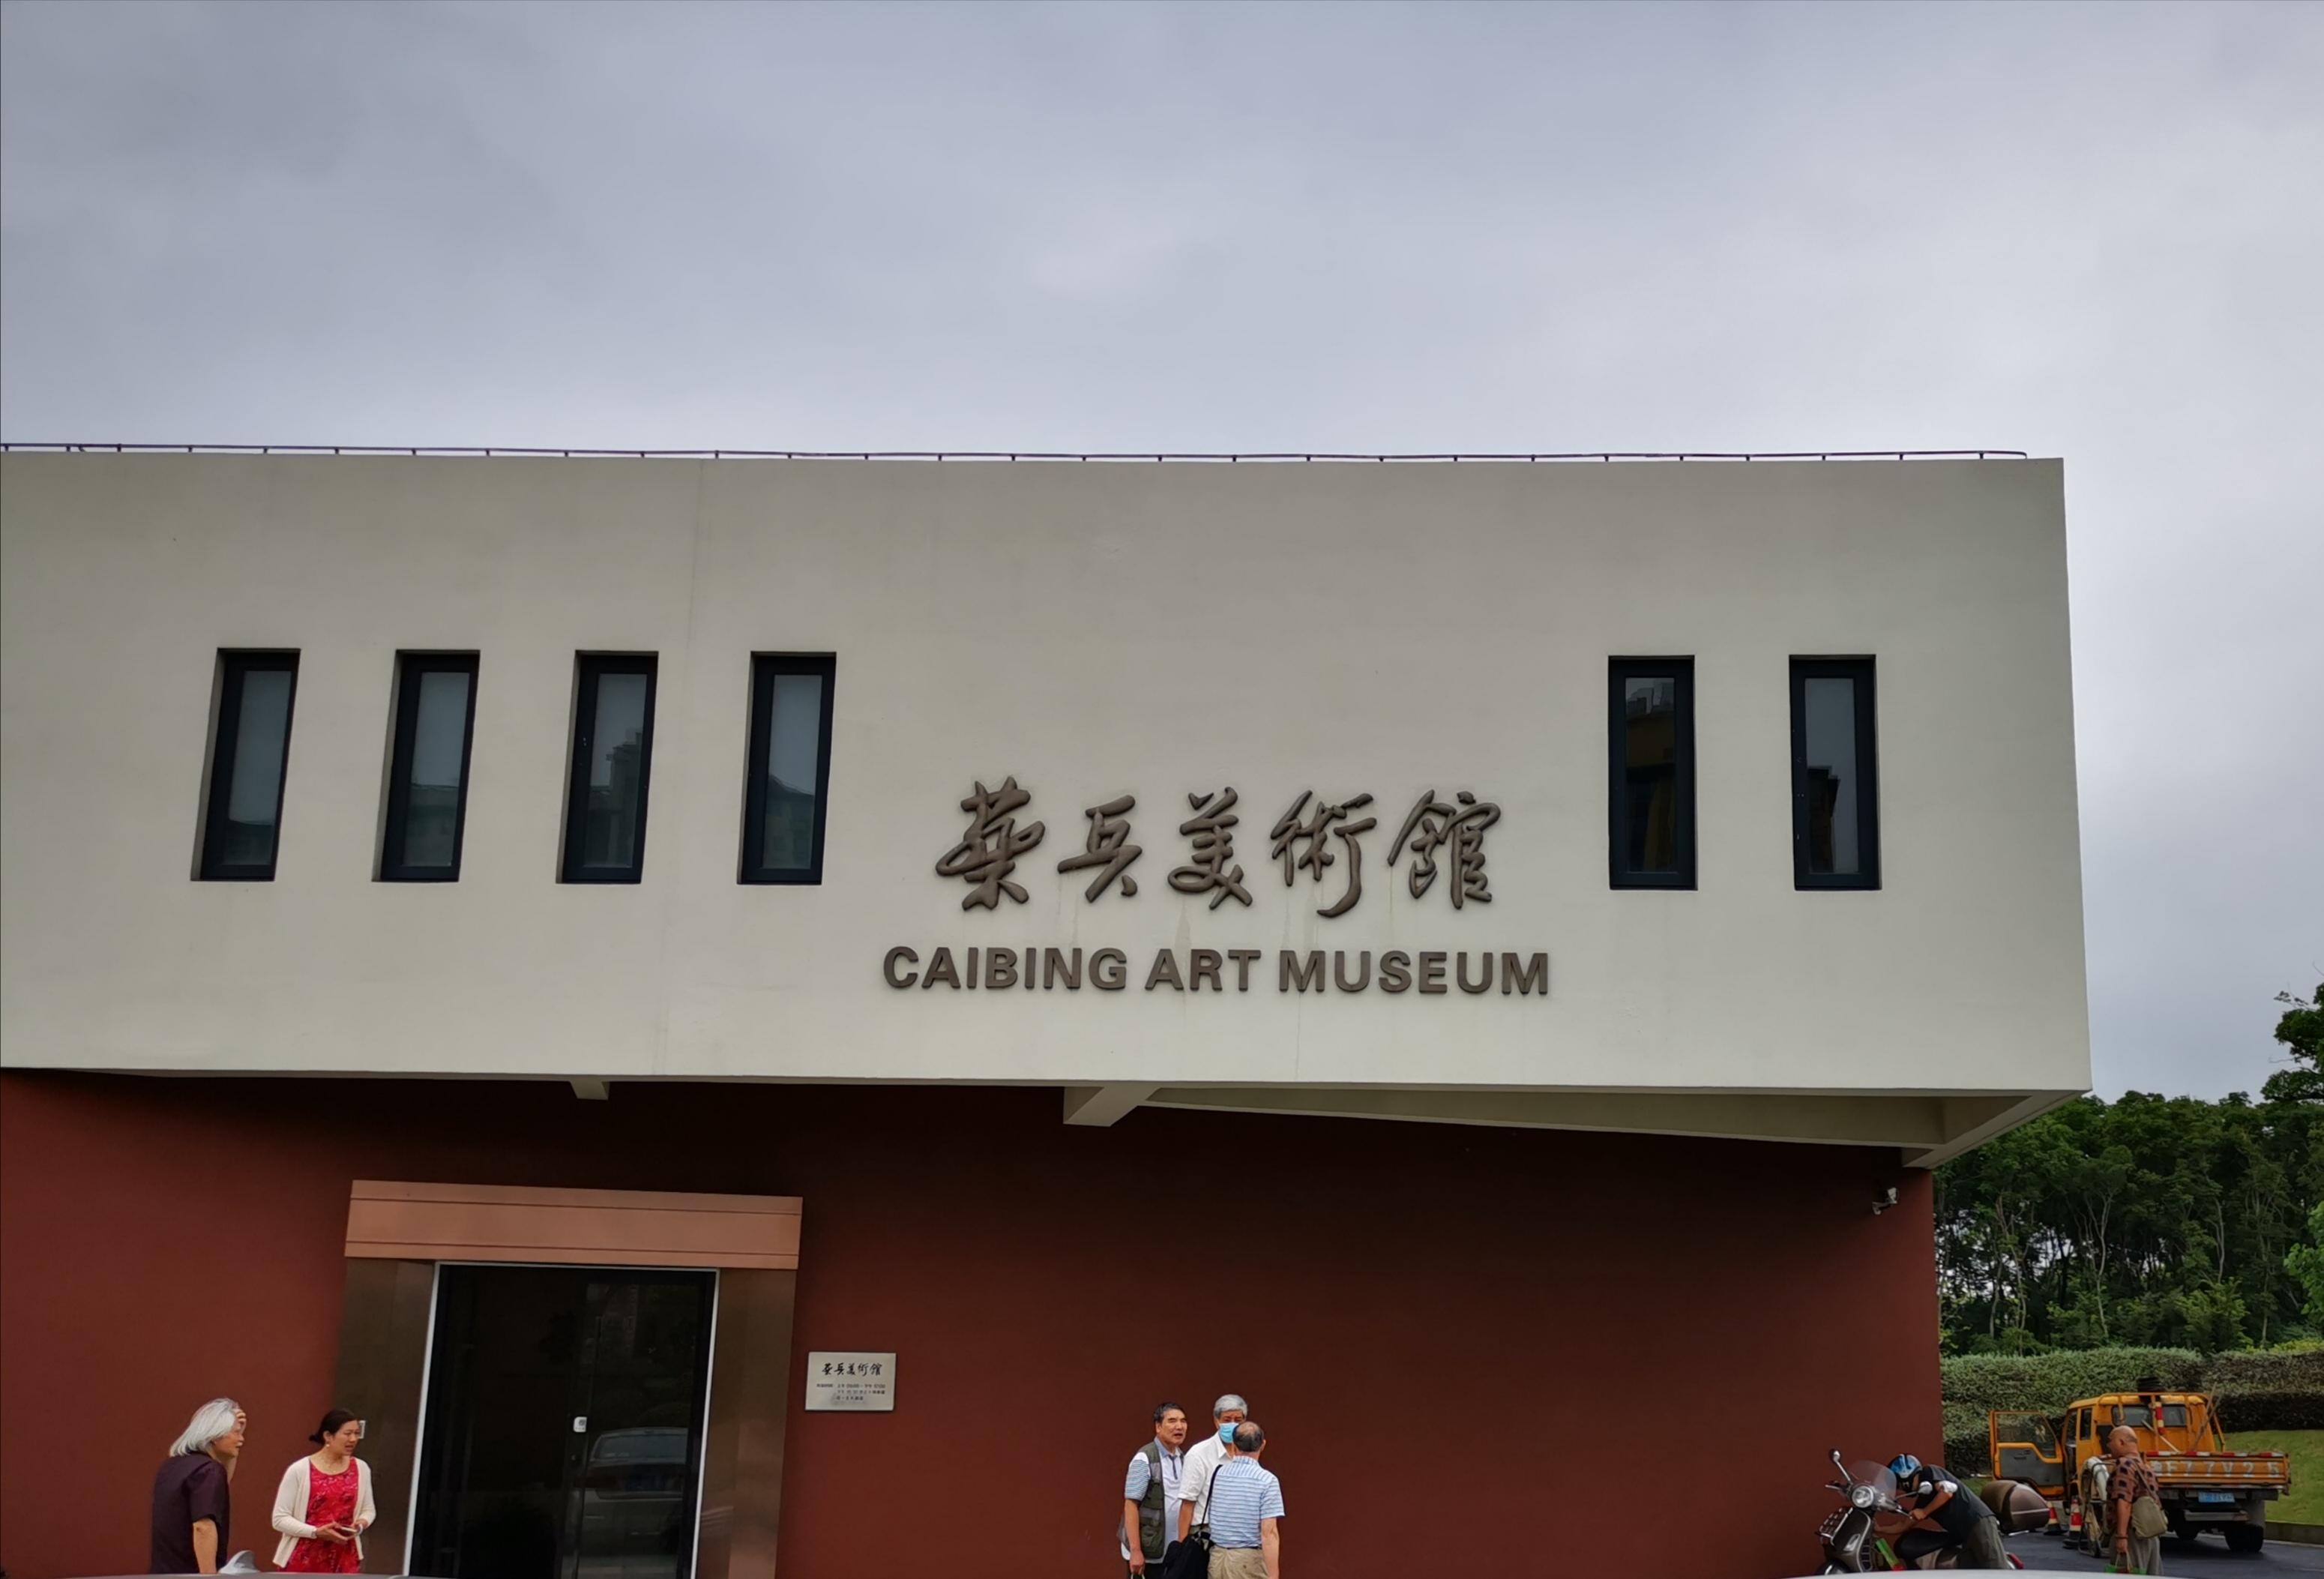 本社记者范长江应邀专访上海蔡兵美术馆